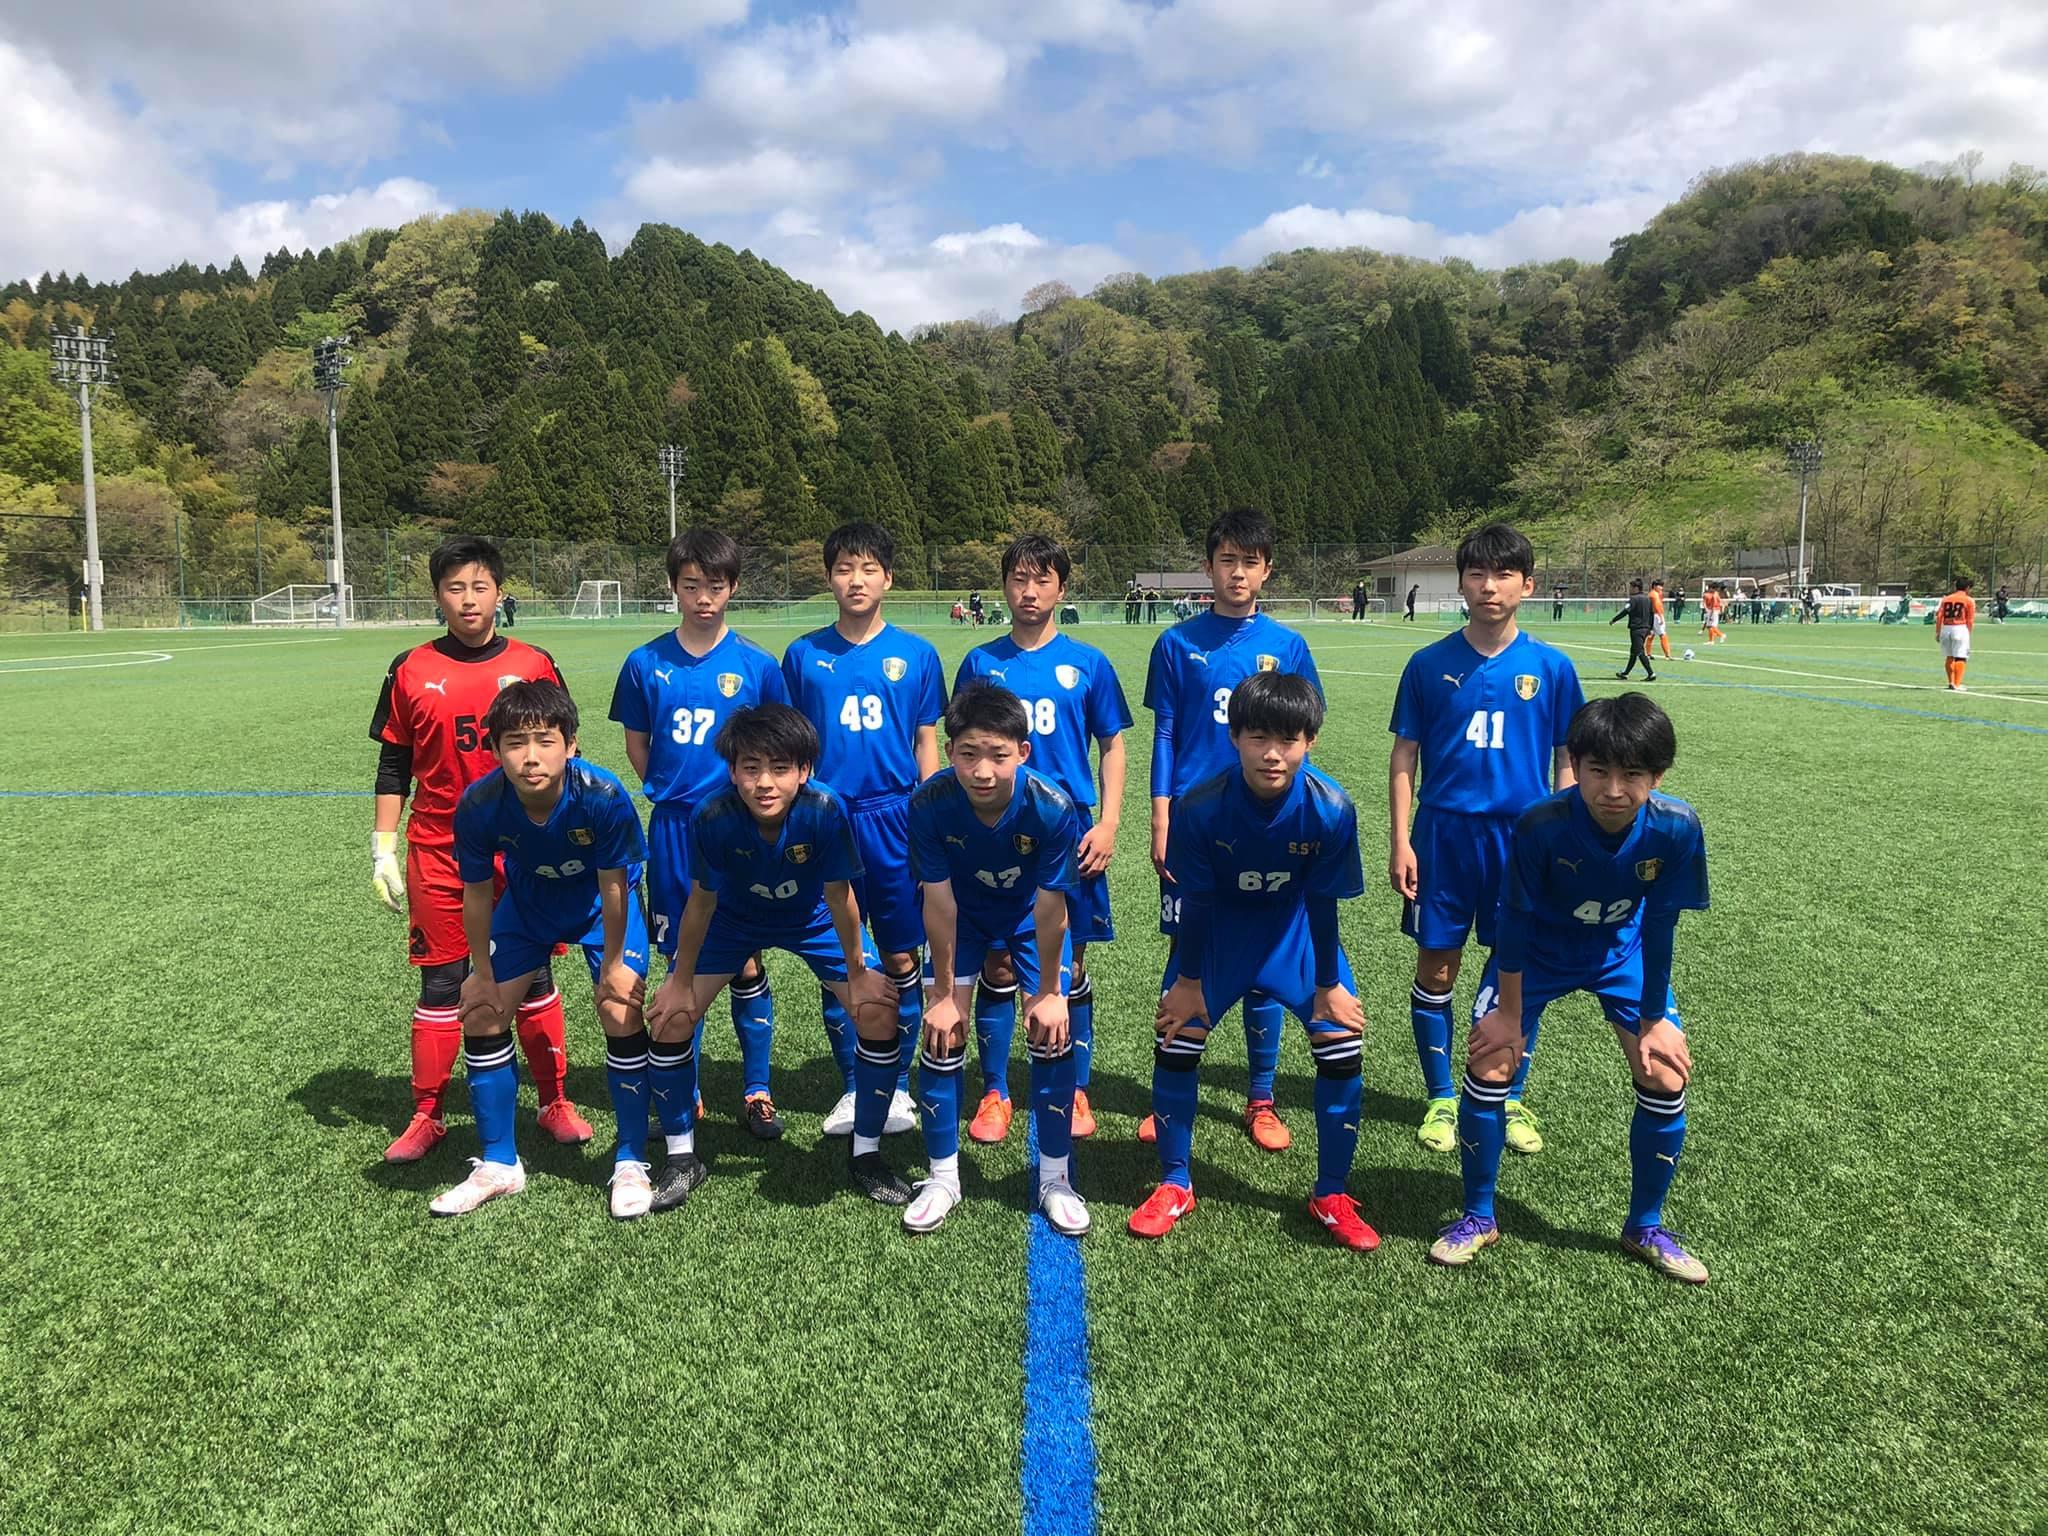 U-15サッカーリーグ2021 石川県リーグ開幕‼︎白星スタート